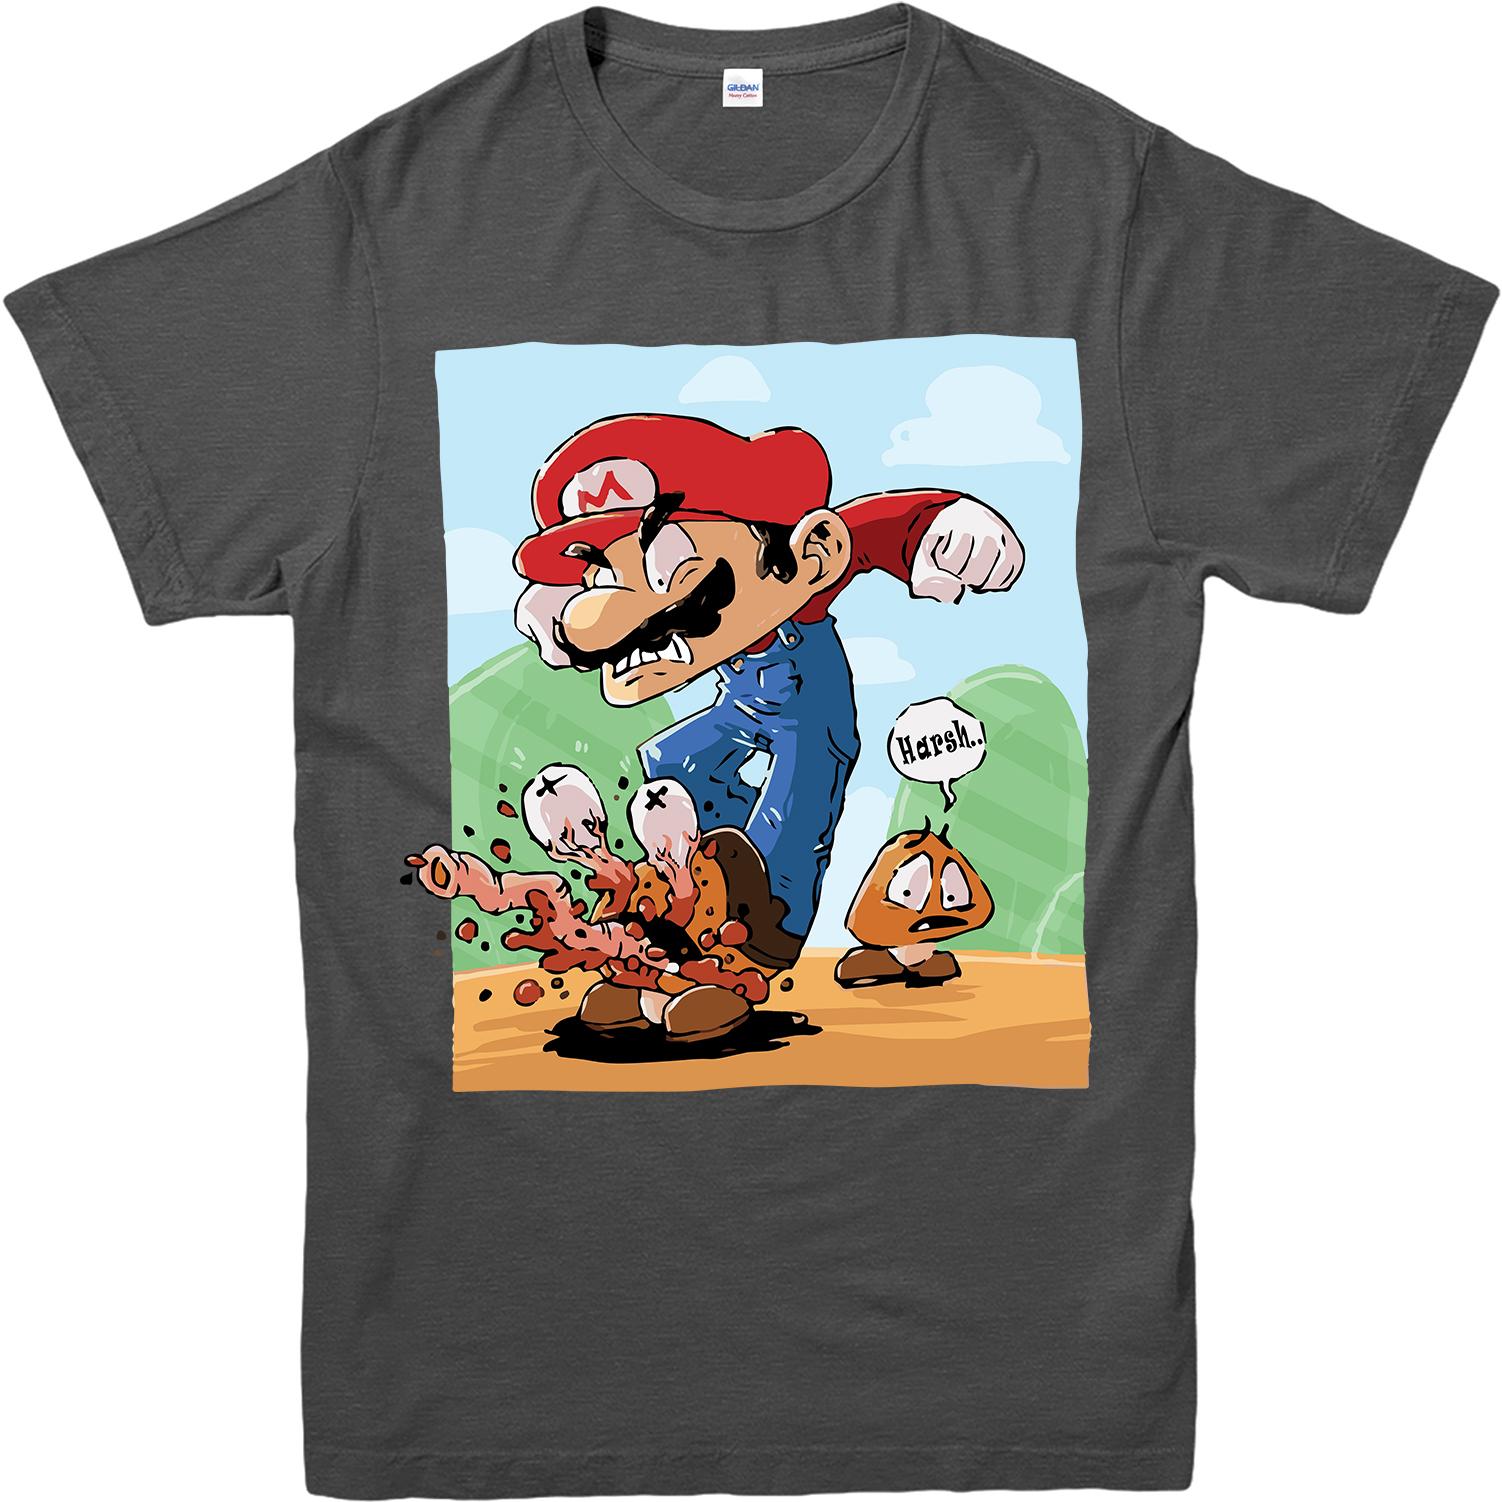 Super Mario T Shirt Mario And Goomba T Shirt Inspired